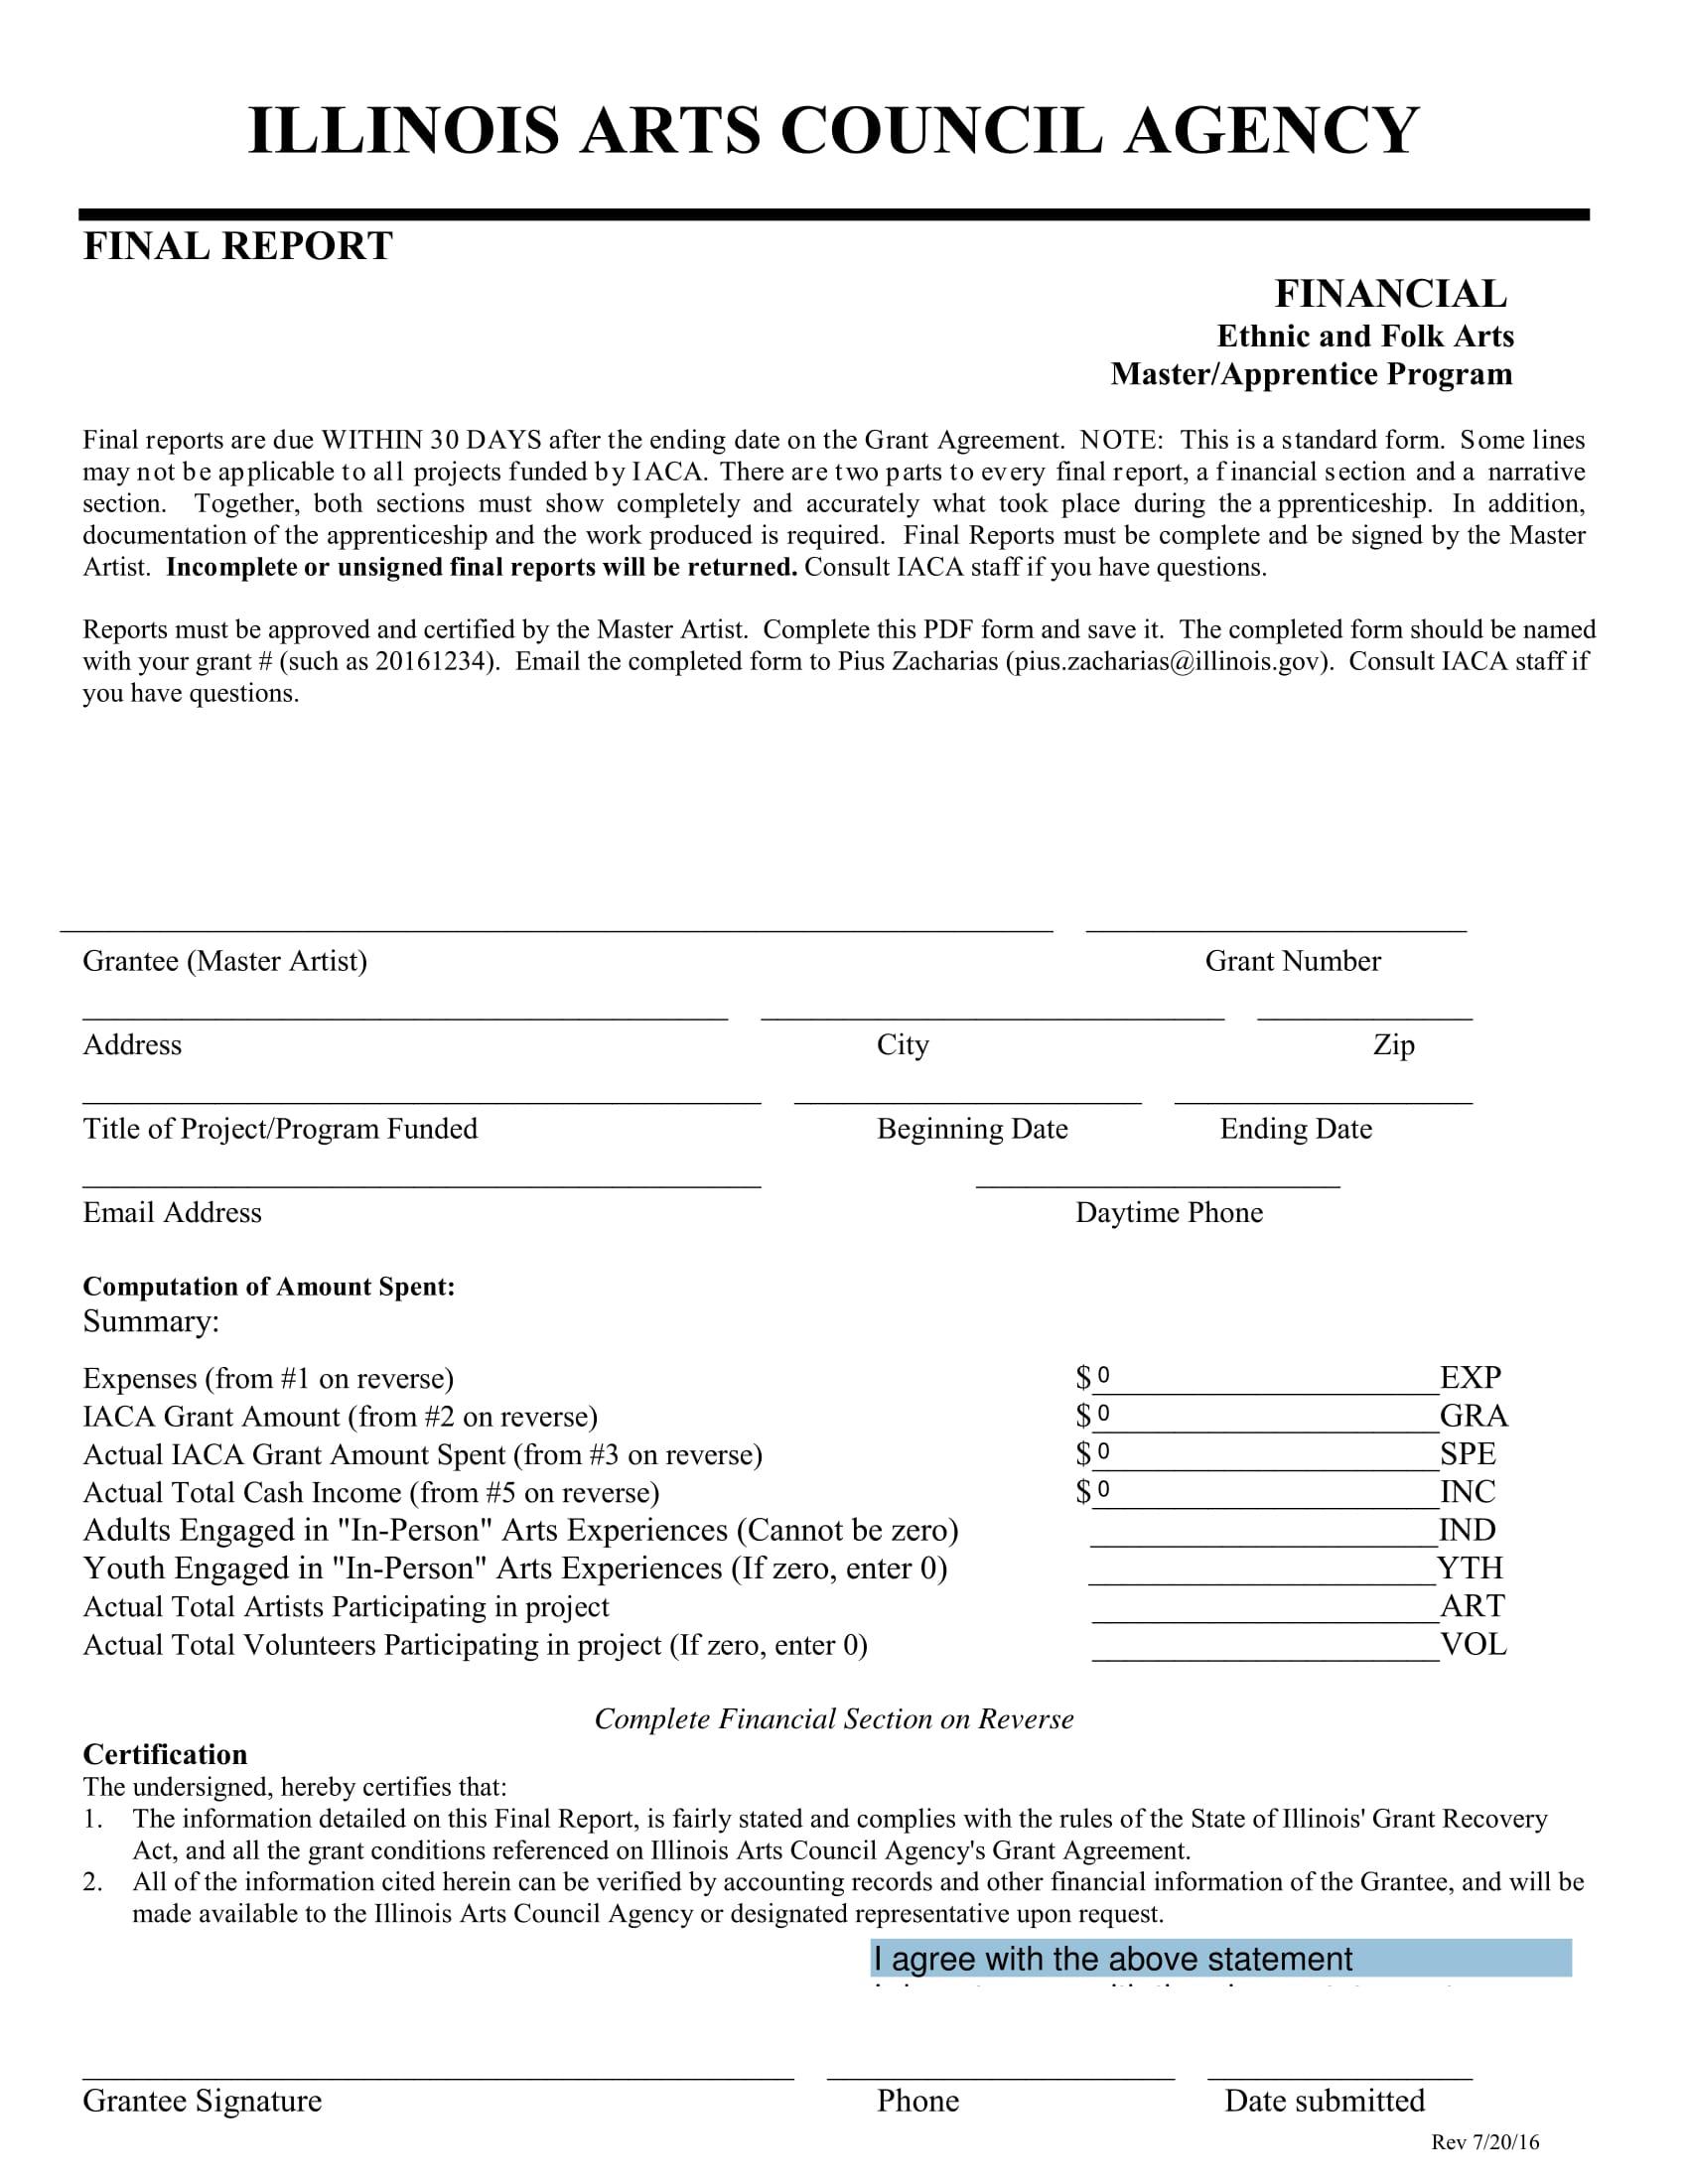 standard final report form 1